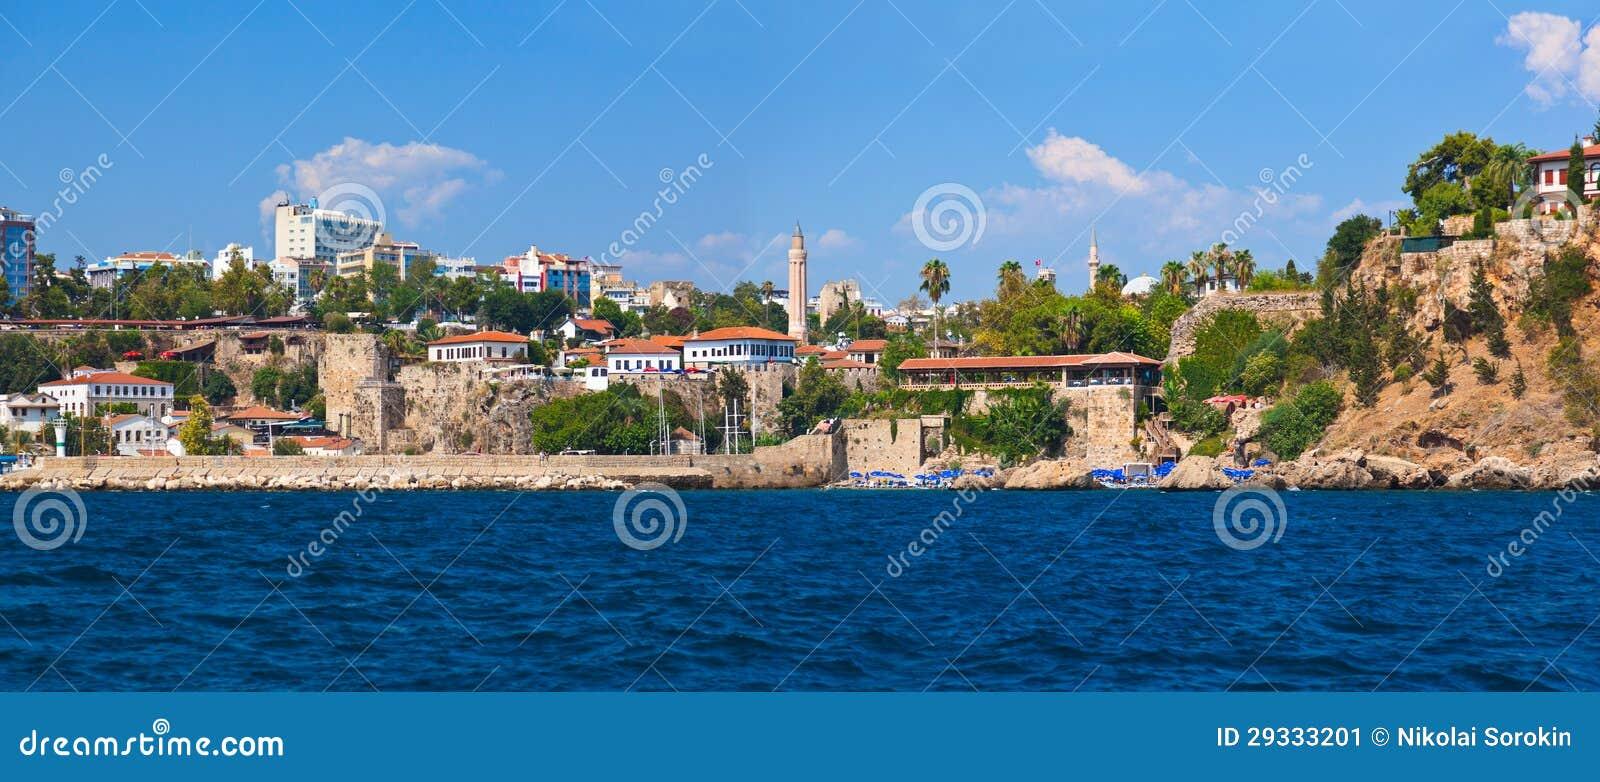 Old Town Kaleici In Antalya, Turkey Stock Image - Image: 29333201